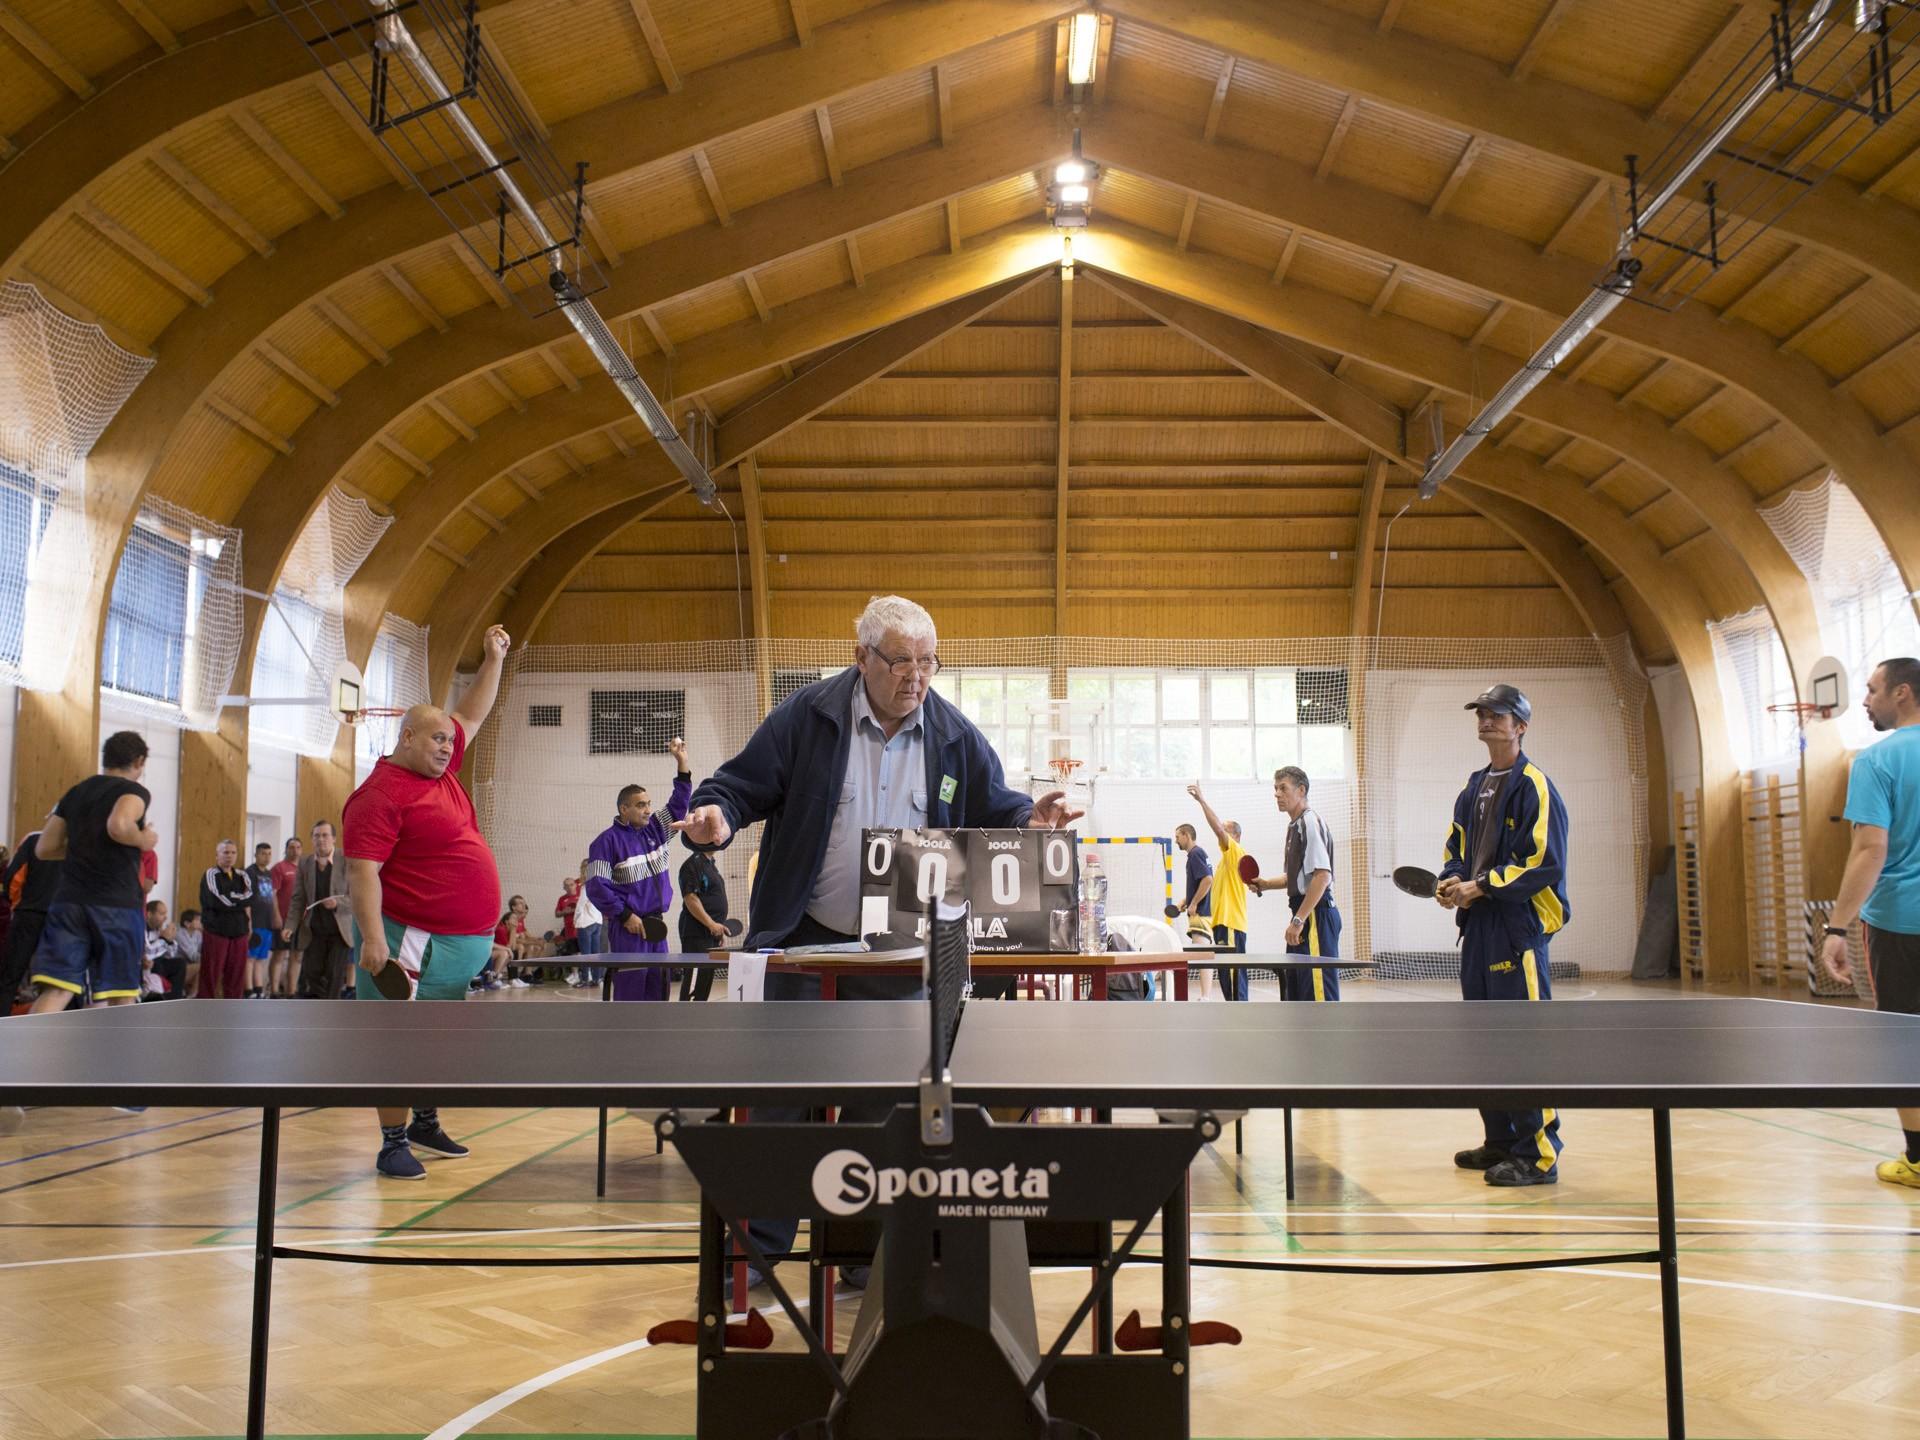 Szolnokon gyűltek össze a speciális olimpikon asztaliteniszezők